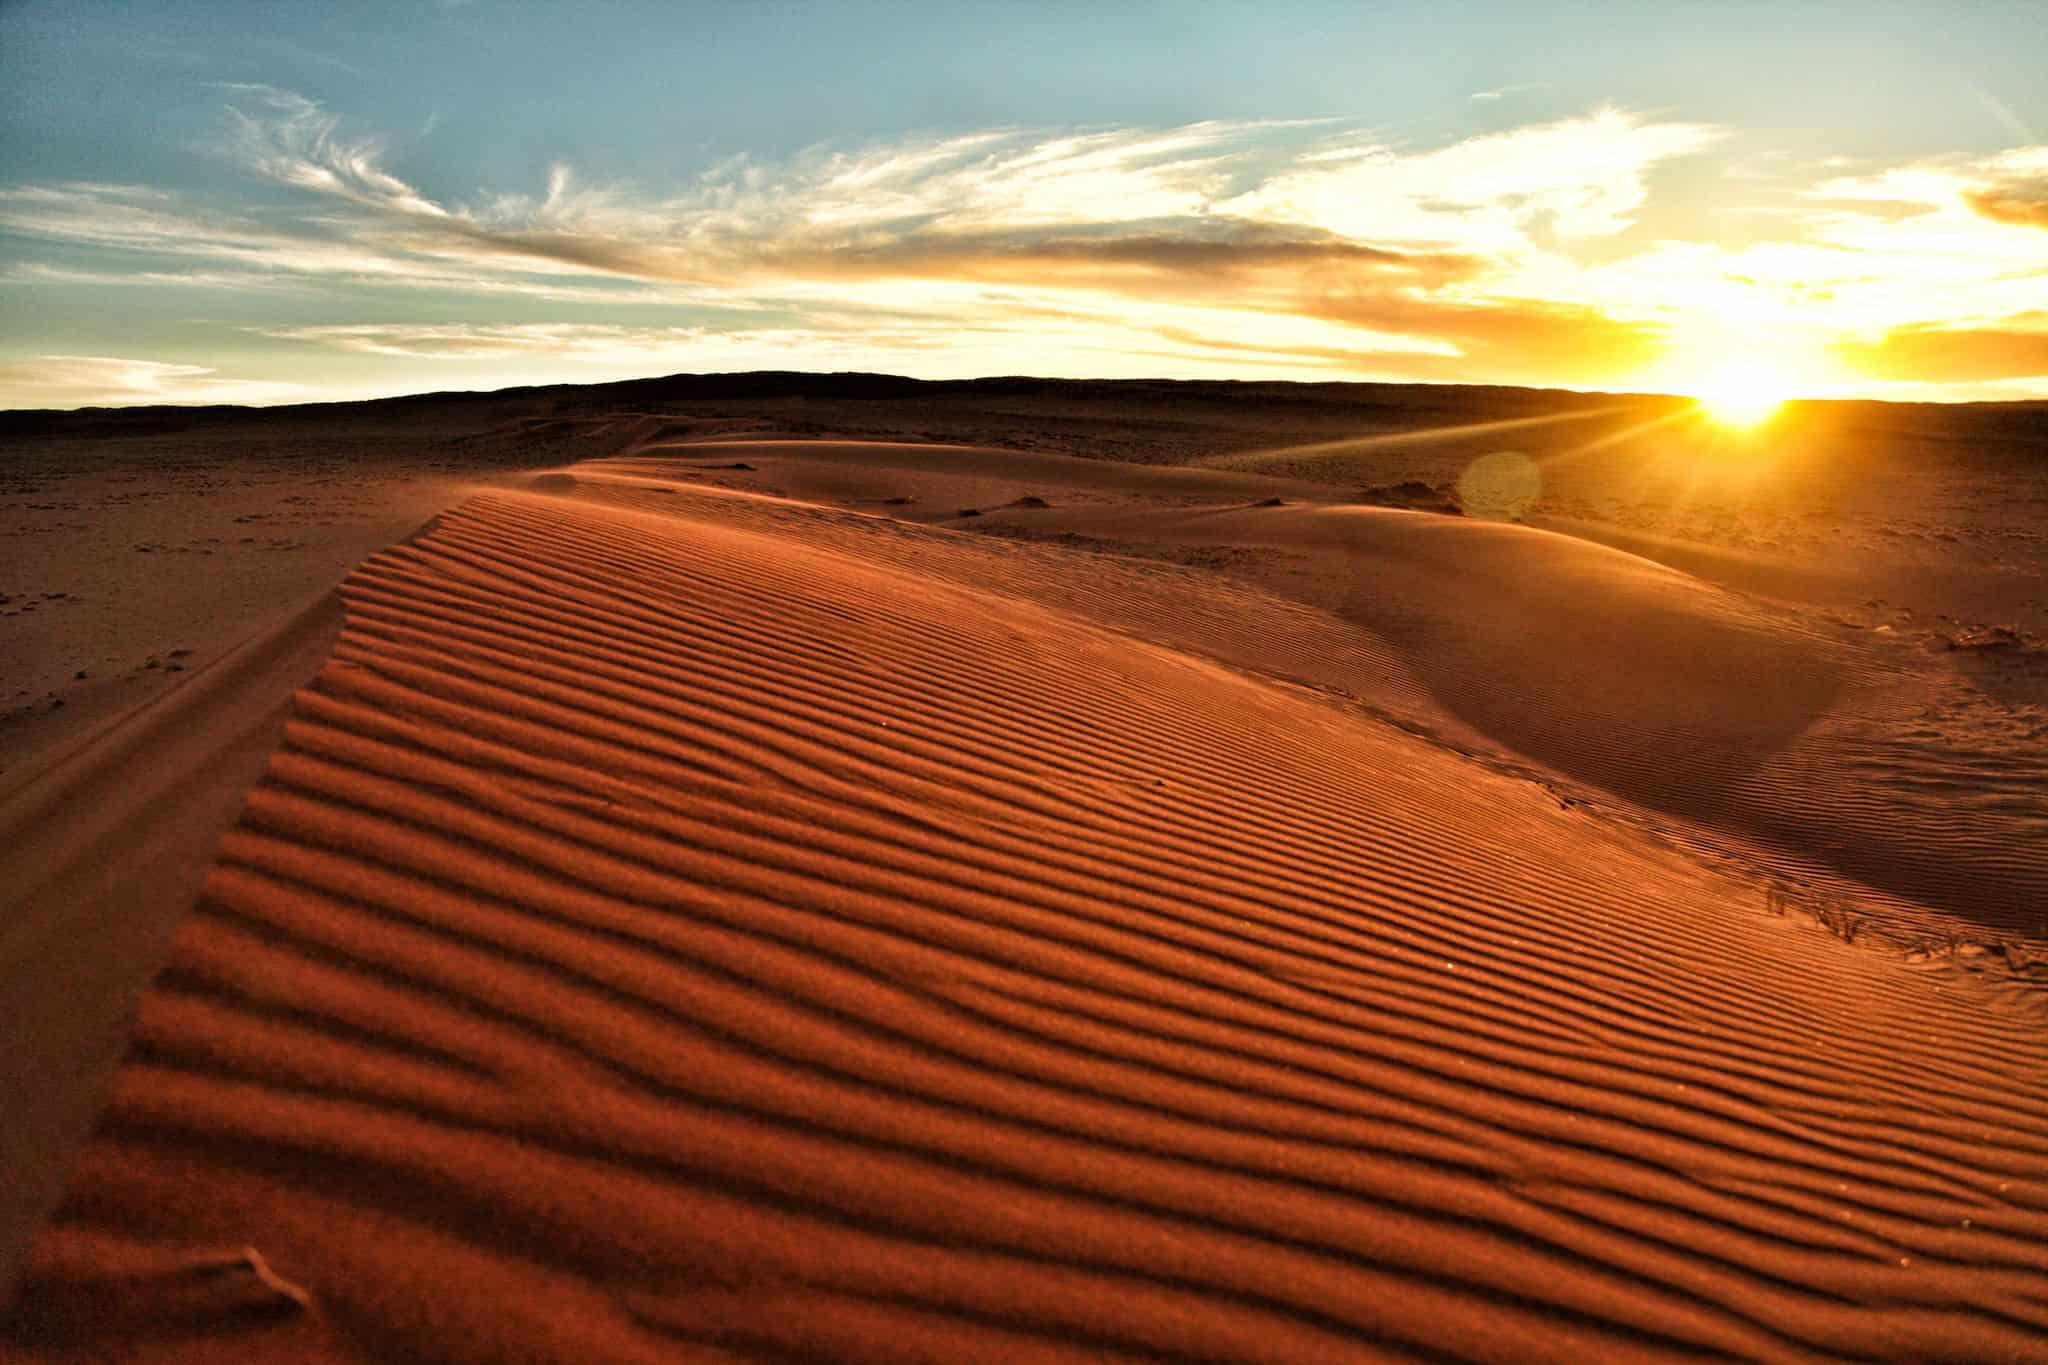 Sunrise in Namibia on Sand Dune